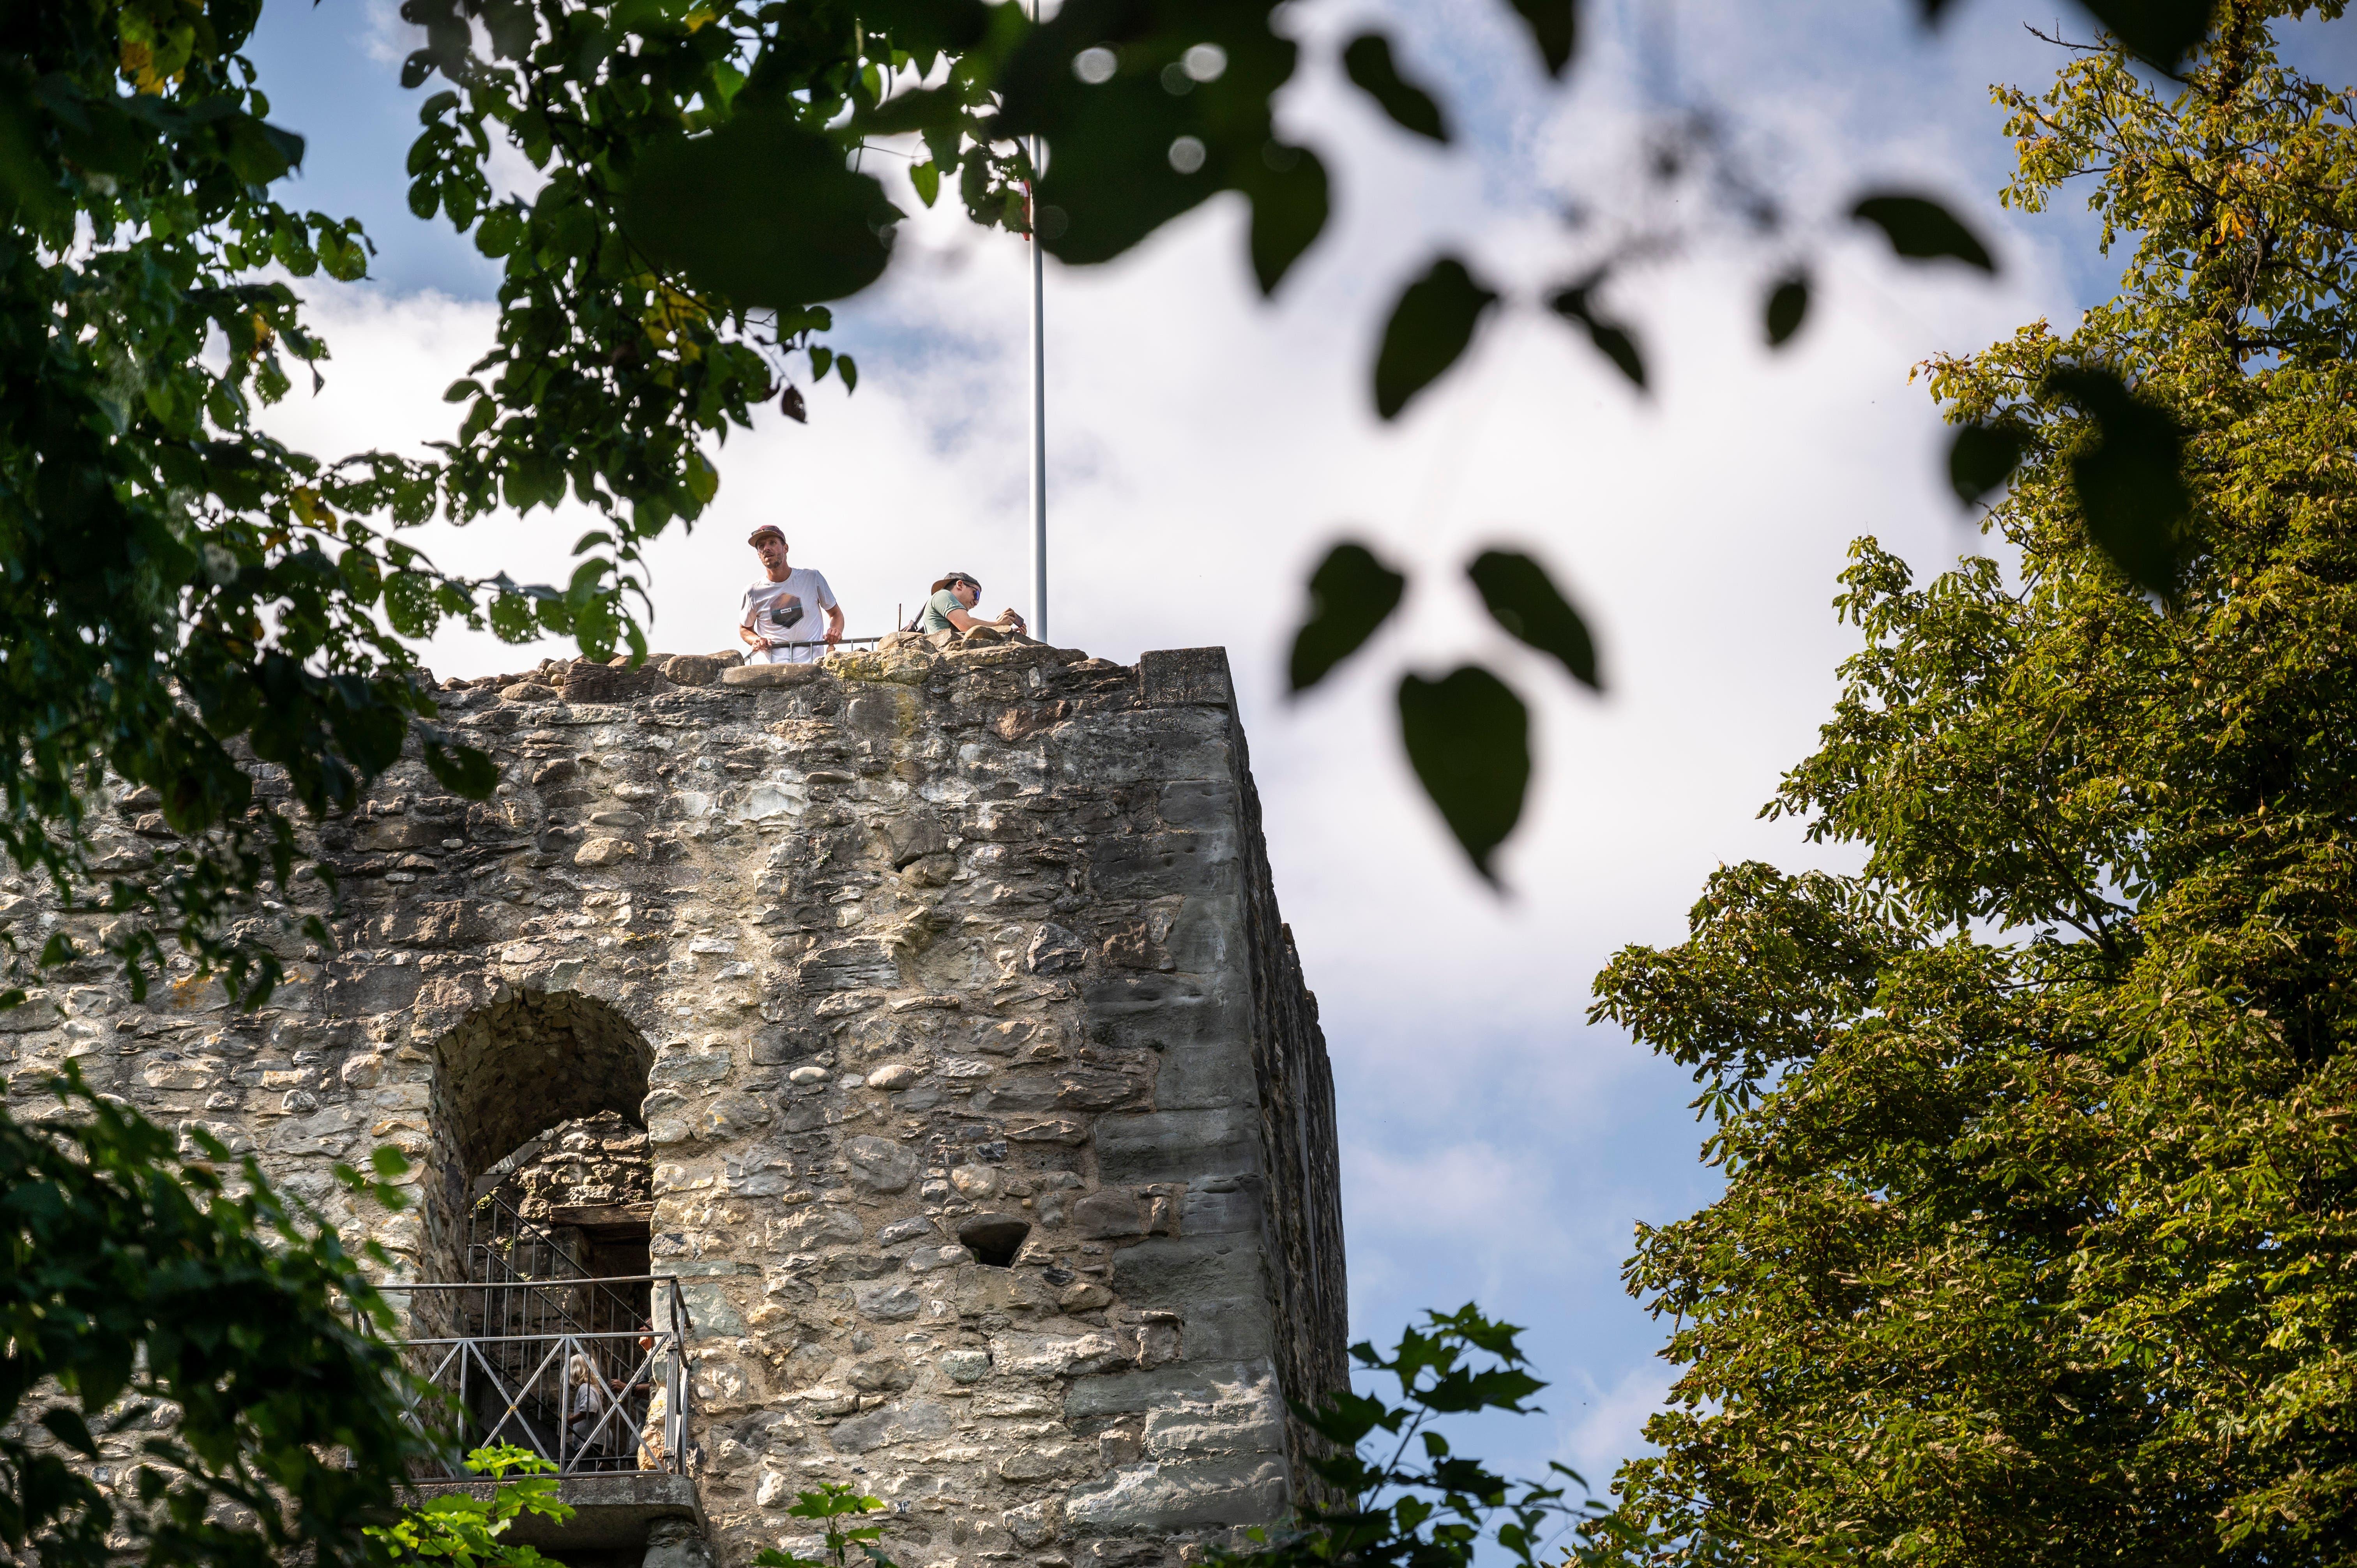 Am Ruinenfest auf der Ruine Castell in Tägerwilen.